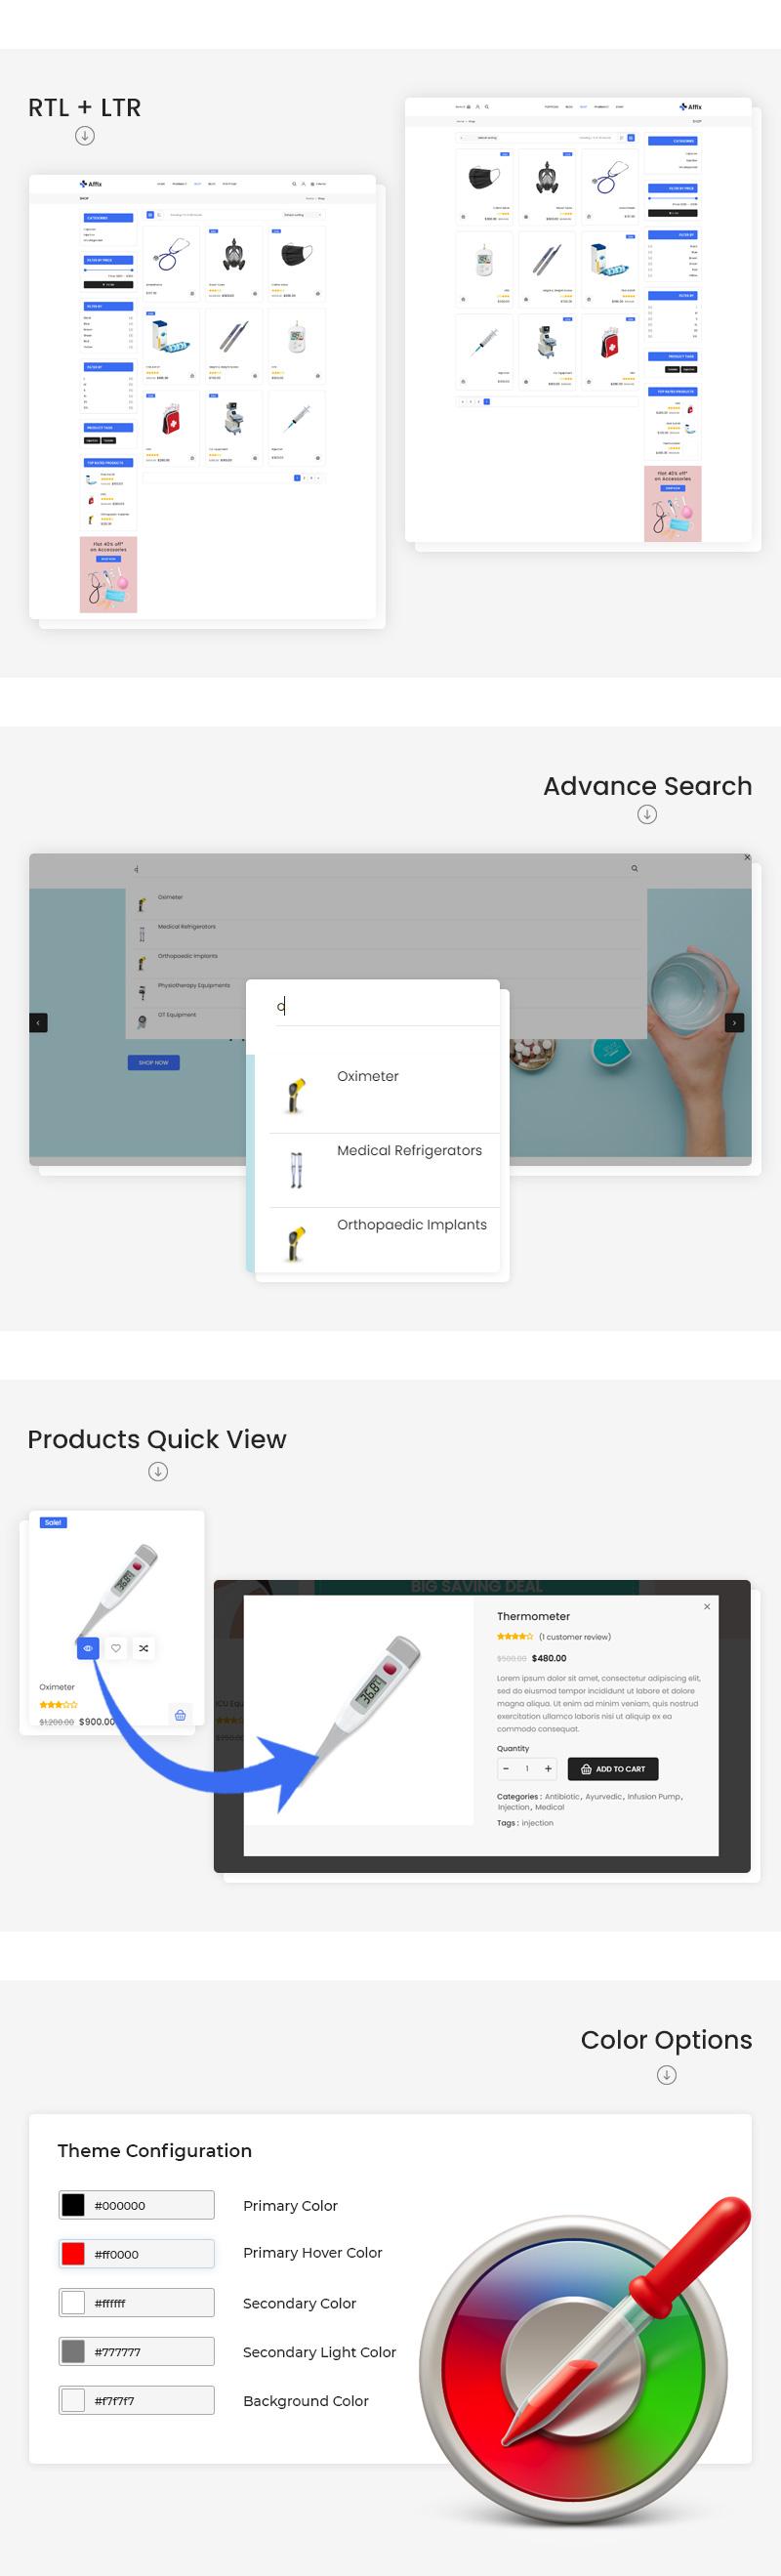 affix-features-2.jpg